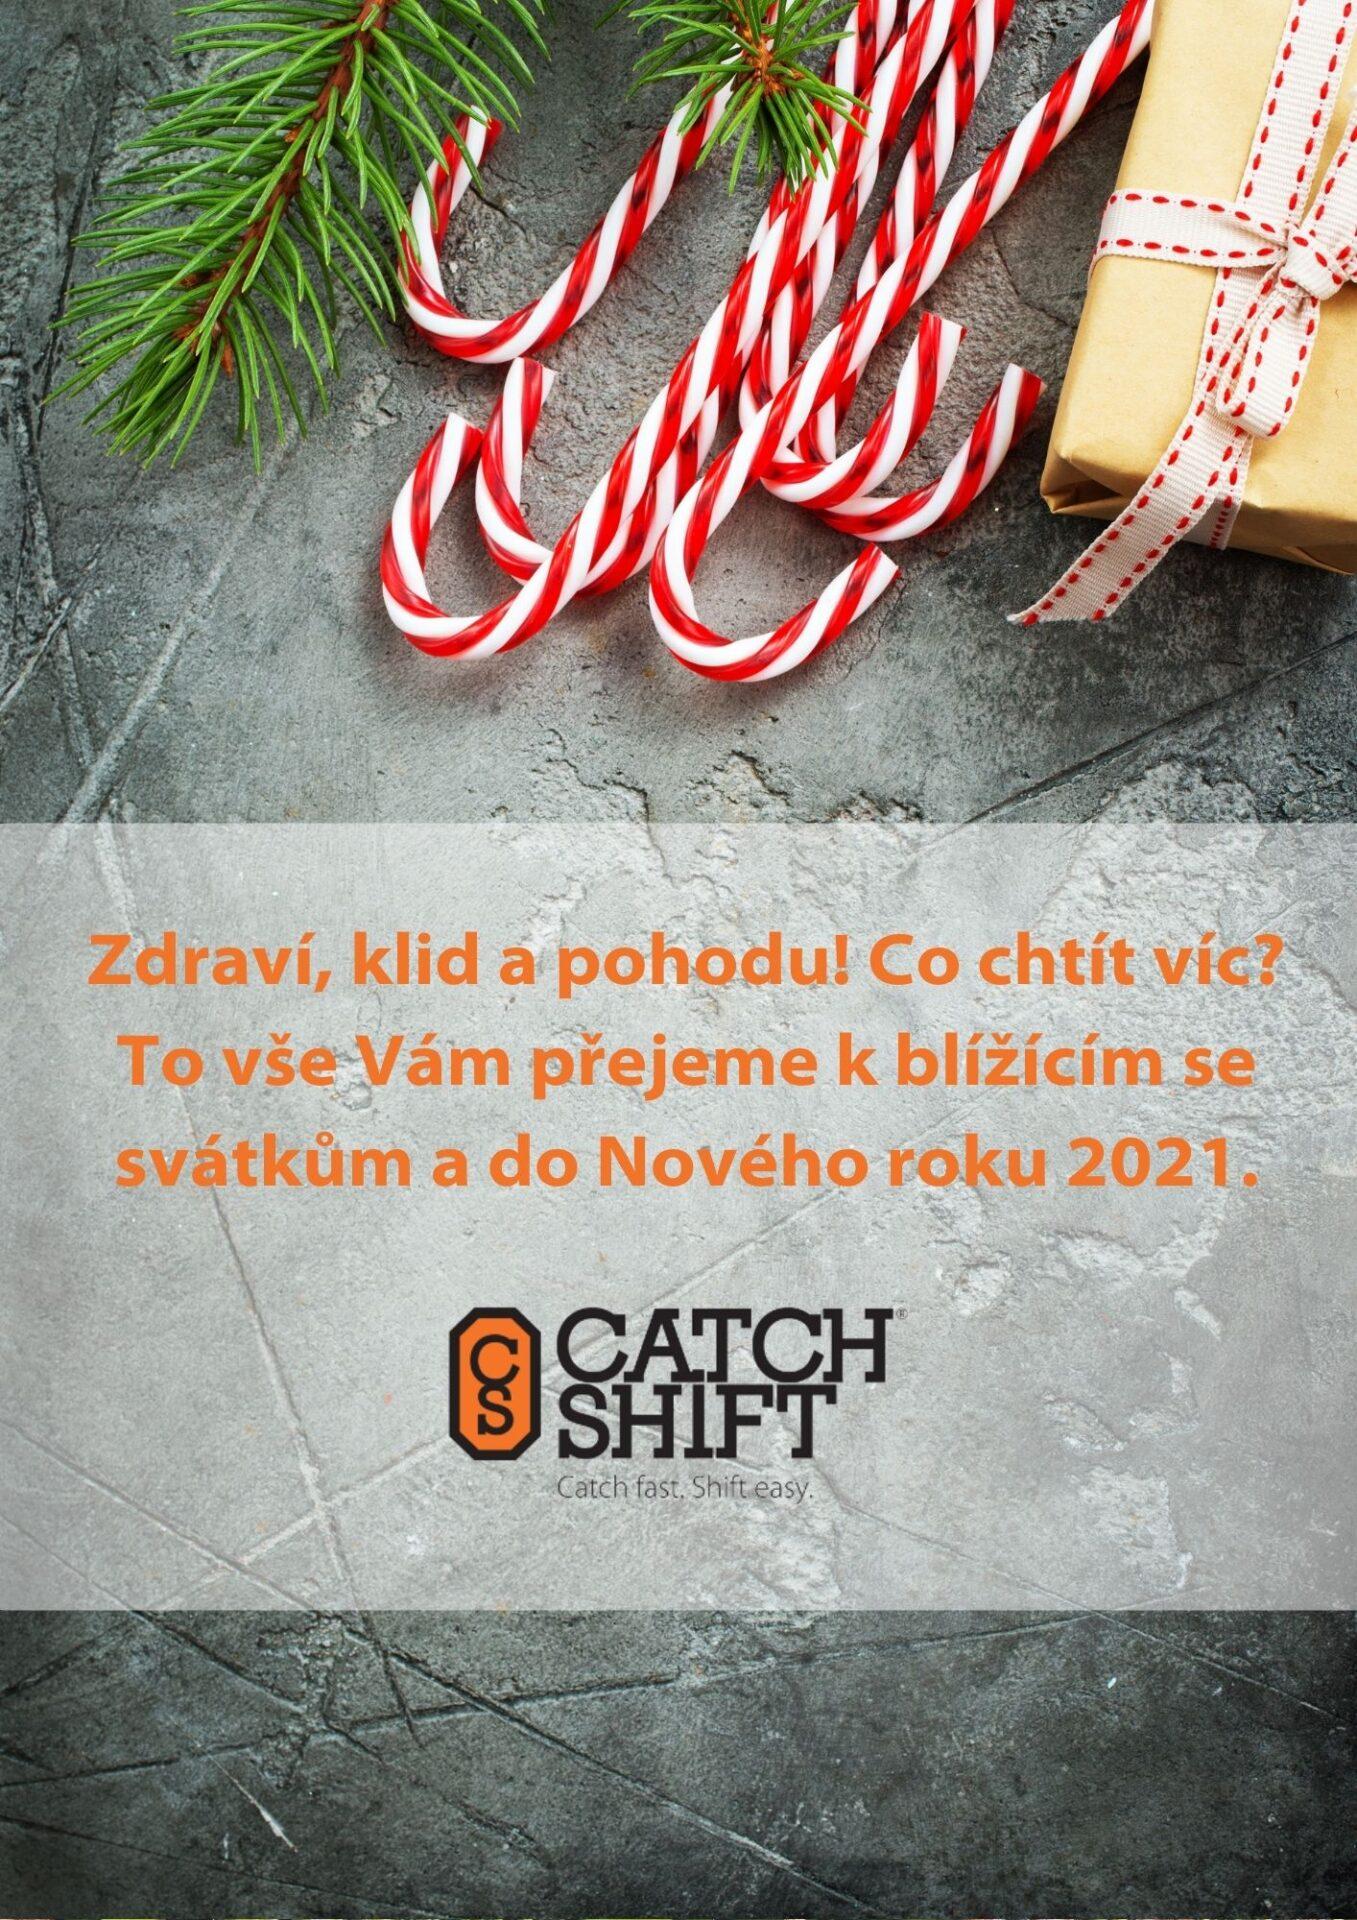 Přejeme vám hezké svátky a vše nejlepší do Nového roku 2021!